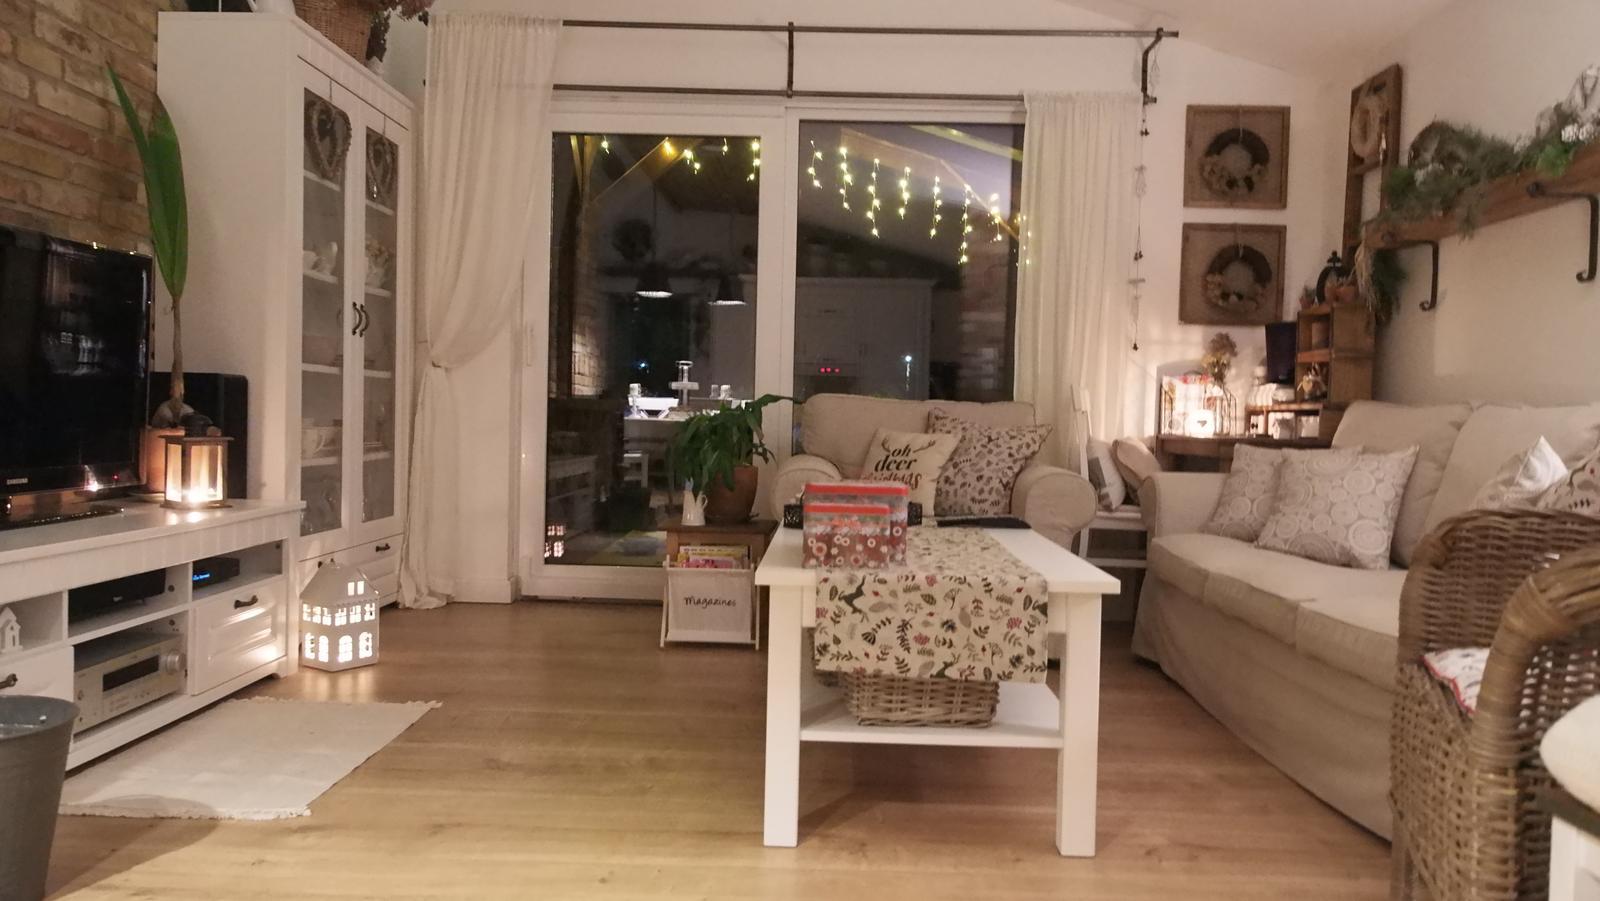 Náš domček ♡ Bramasole ♡ ... Stilo interiér aj exteriér 4. rok bývania - Obrázok č. 5